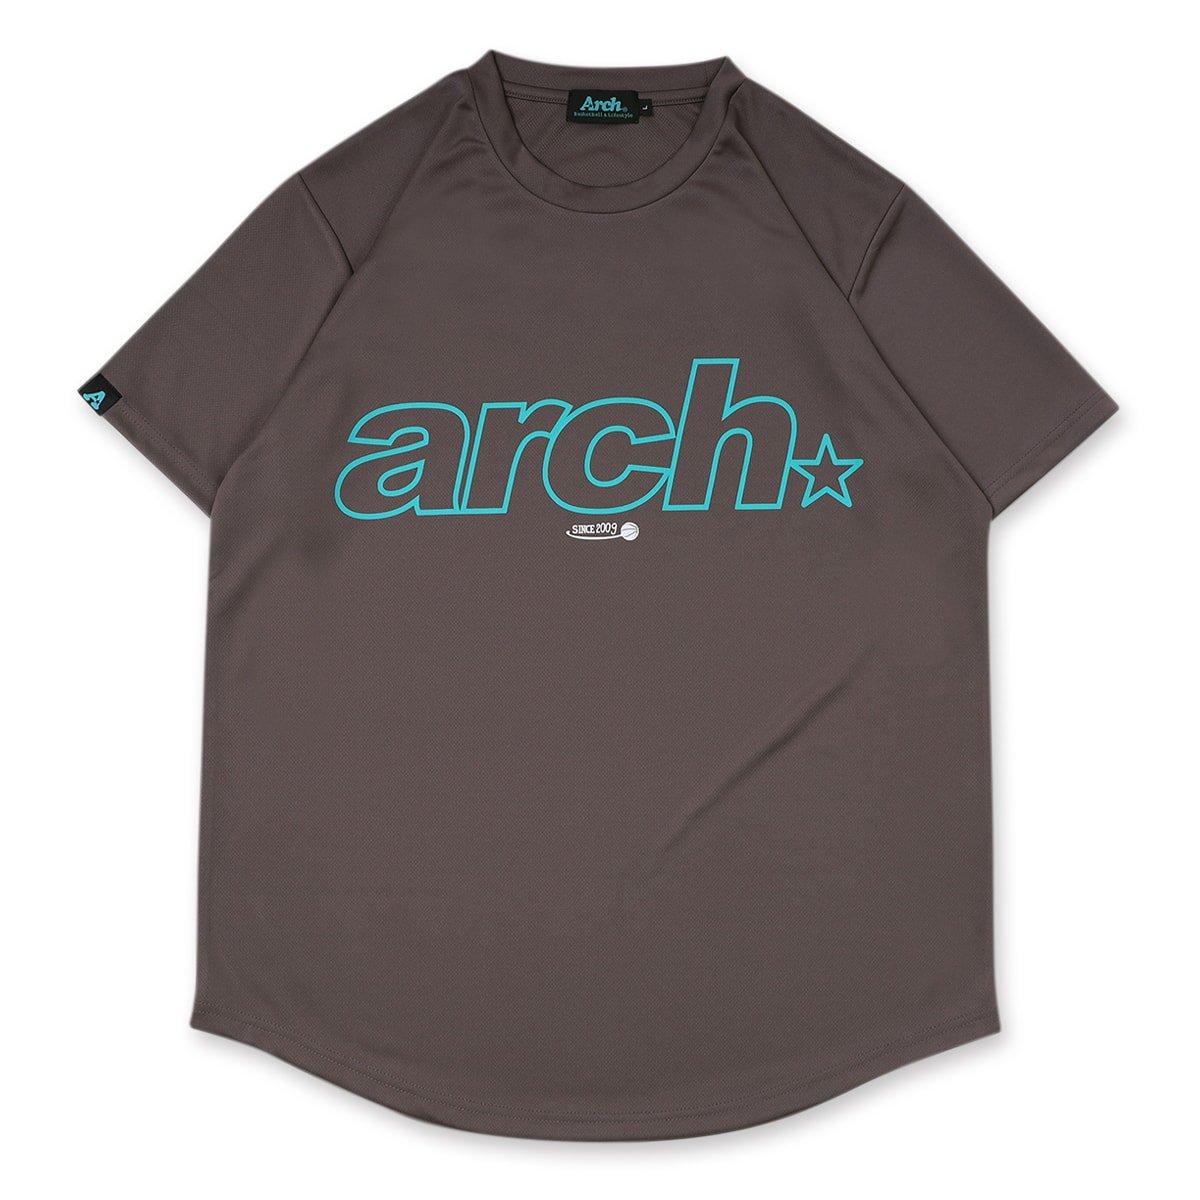 バスケ アーチ スポーティーロゴ09 Tシャツ チャコール